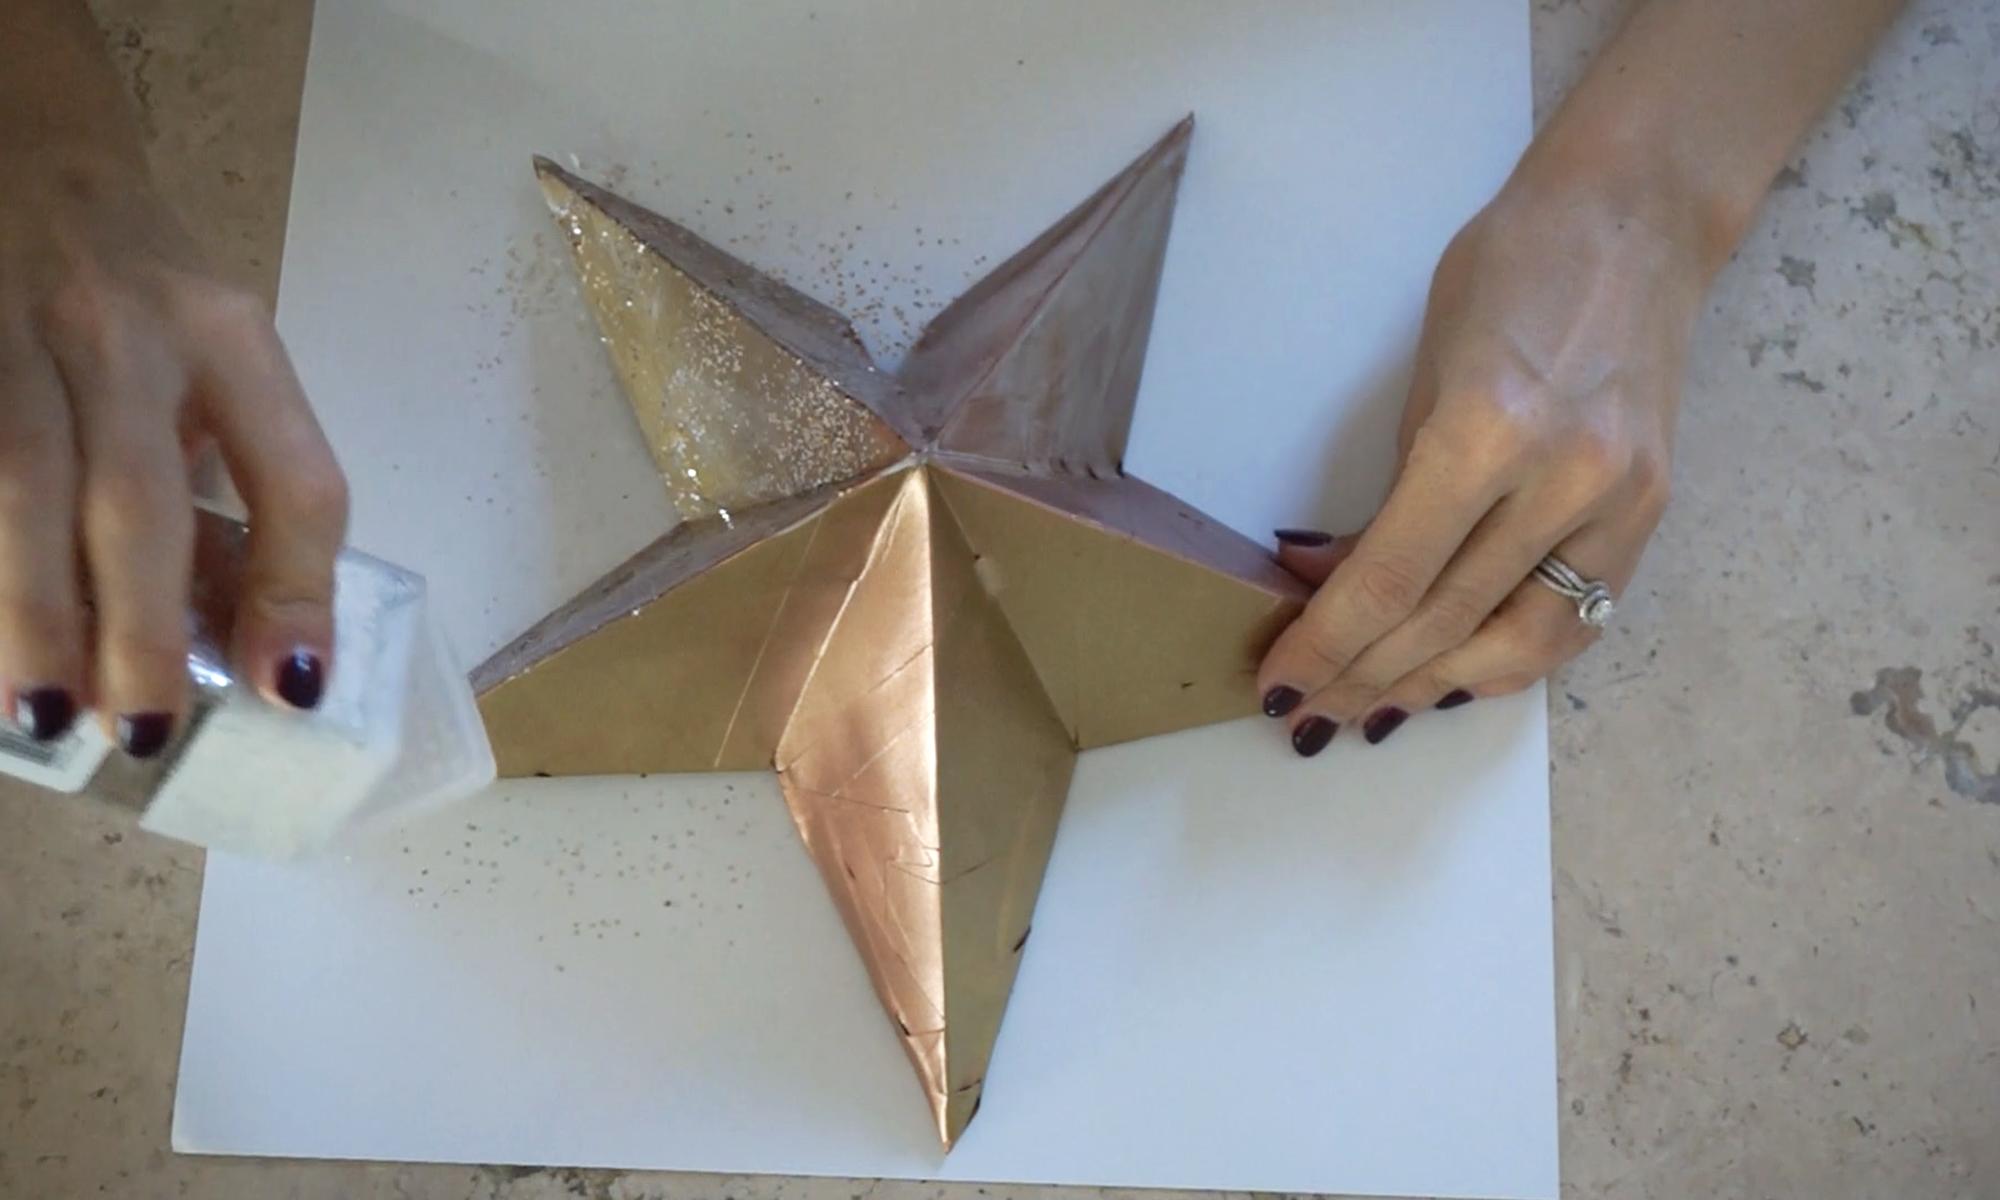 smother that star in glitter /  ¡atasca la estrella con brillantina!